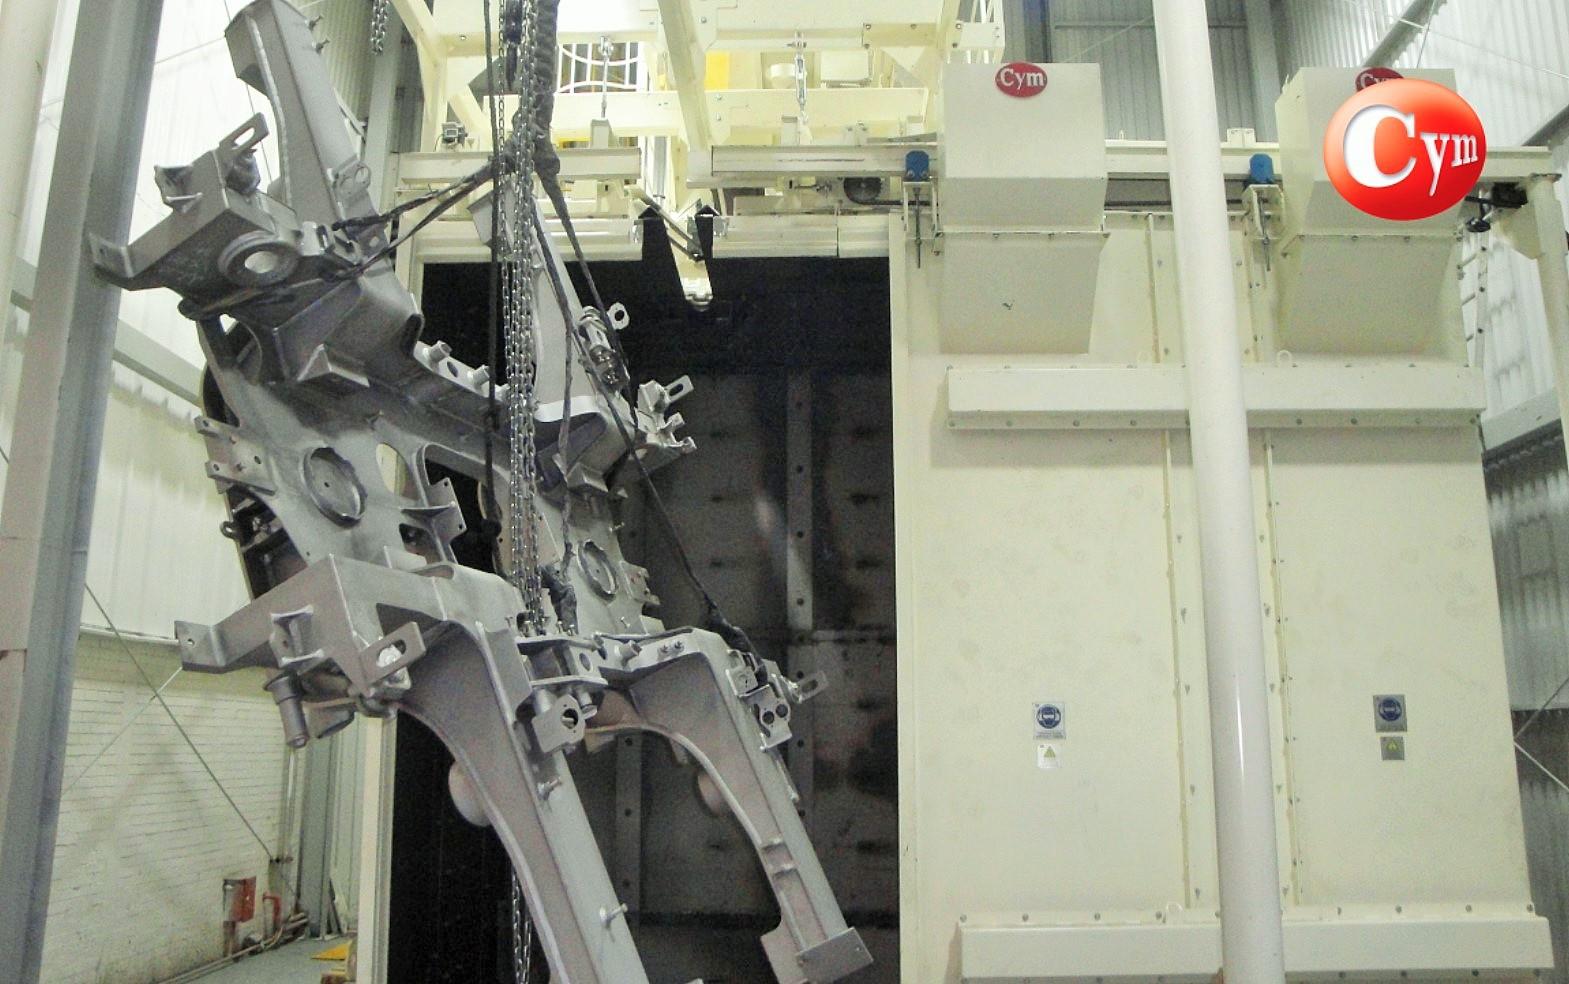 granalladora-de-gancho-cab-25x35-para-boguies-de-ferrocarril-bombardier-cym